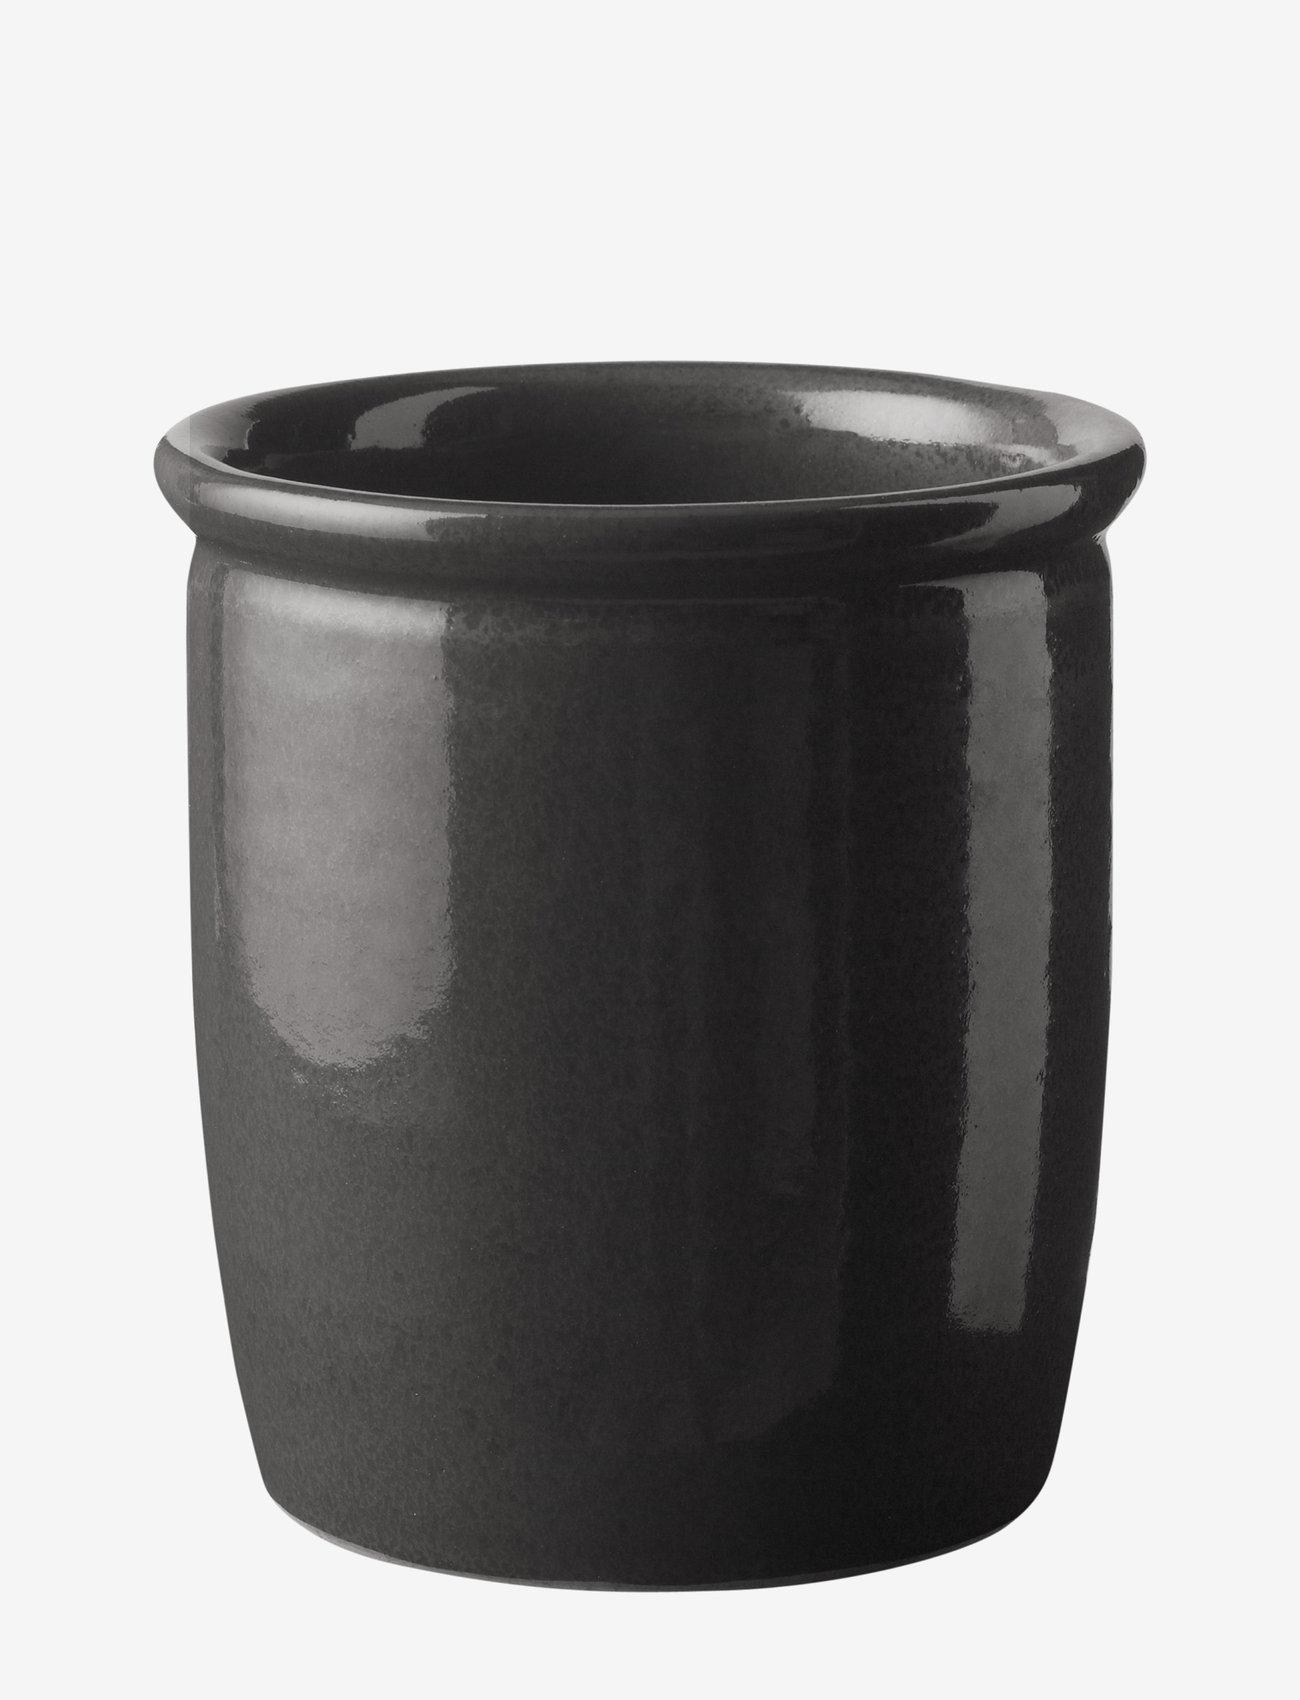 Knabstrup Keramik - Syltekrukke - serveringsskåler - anthracite grey - 0